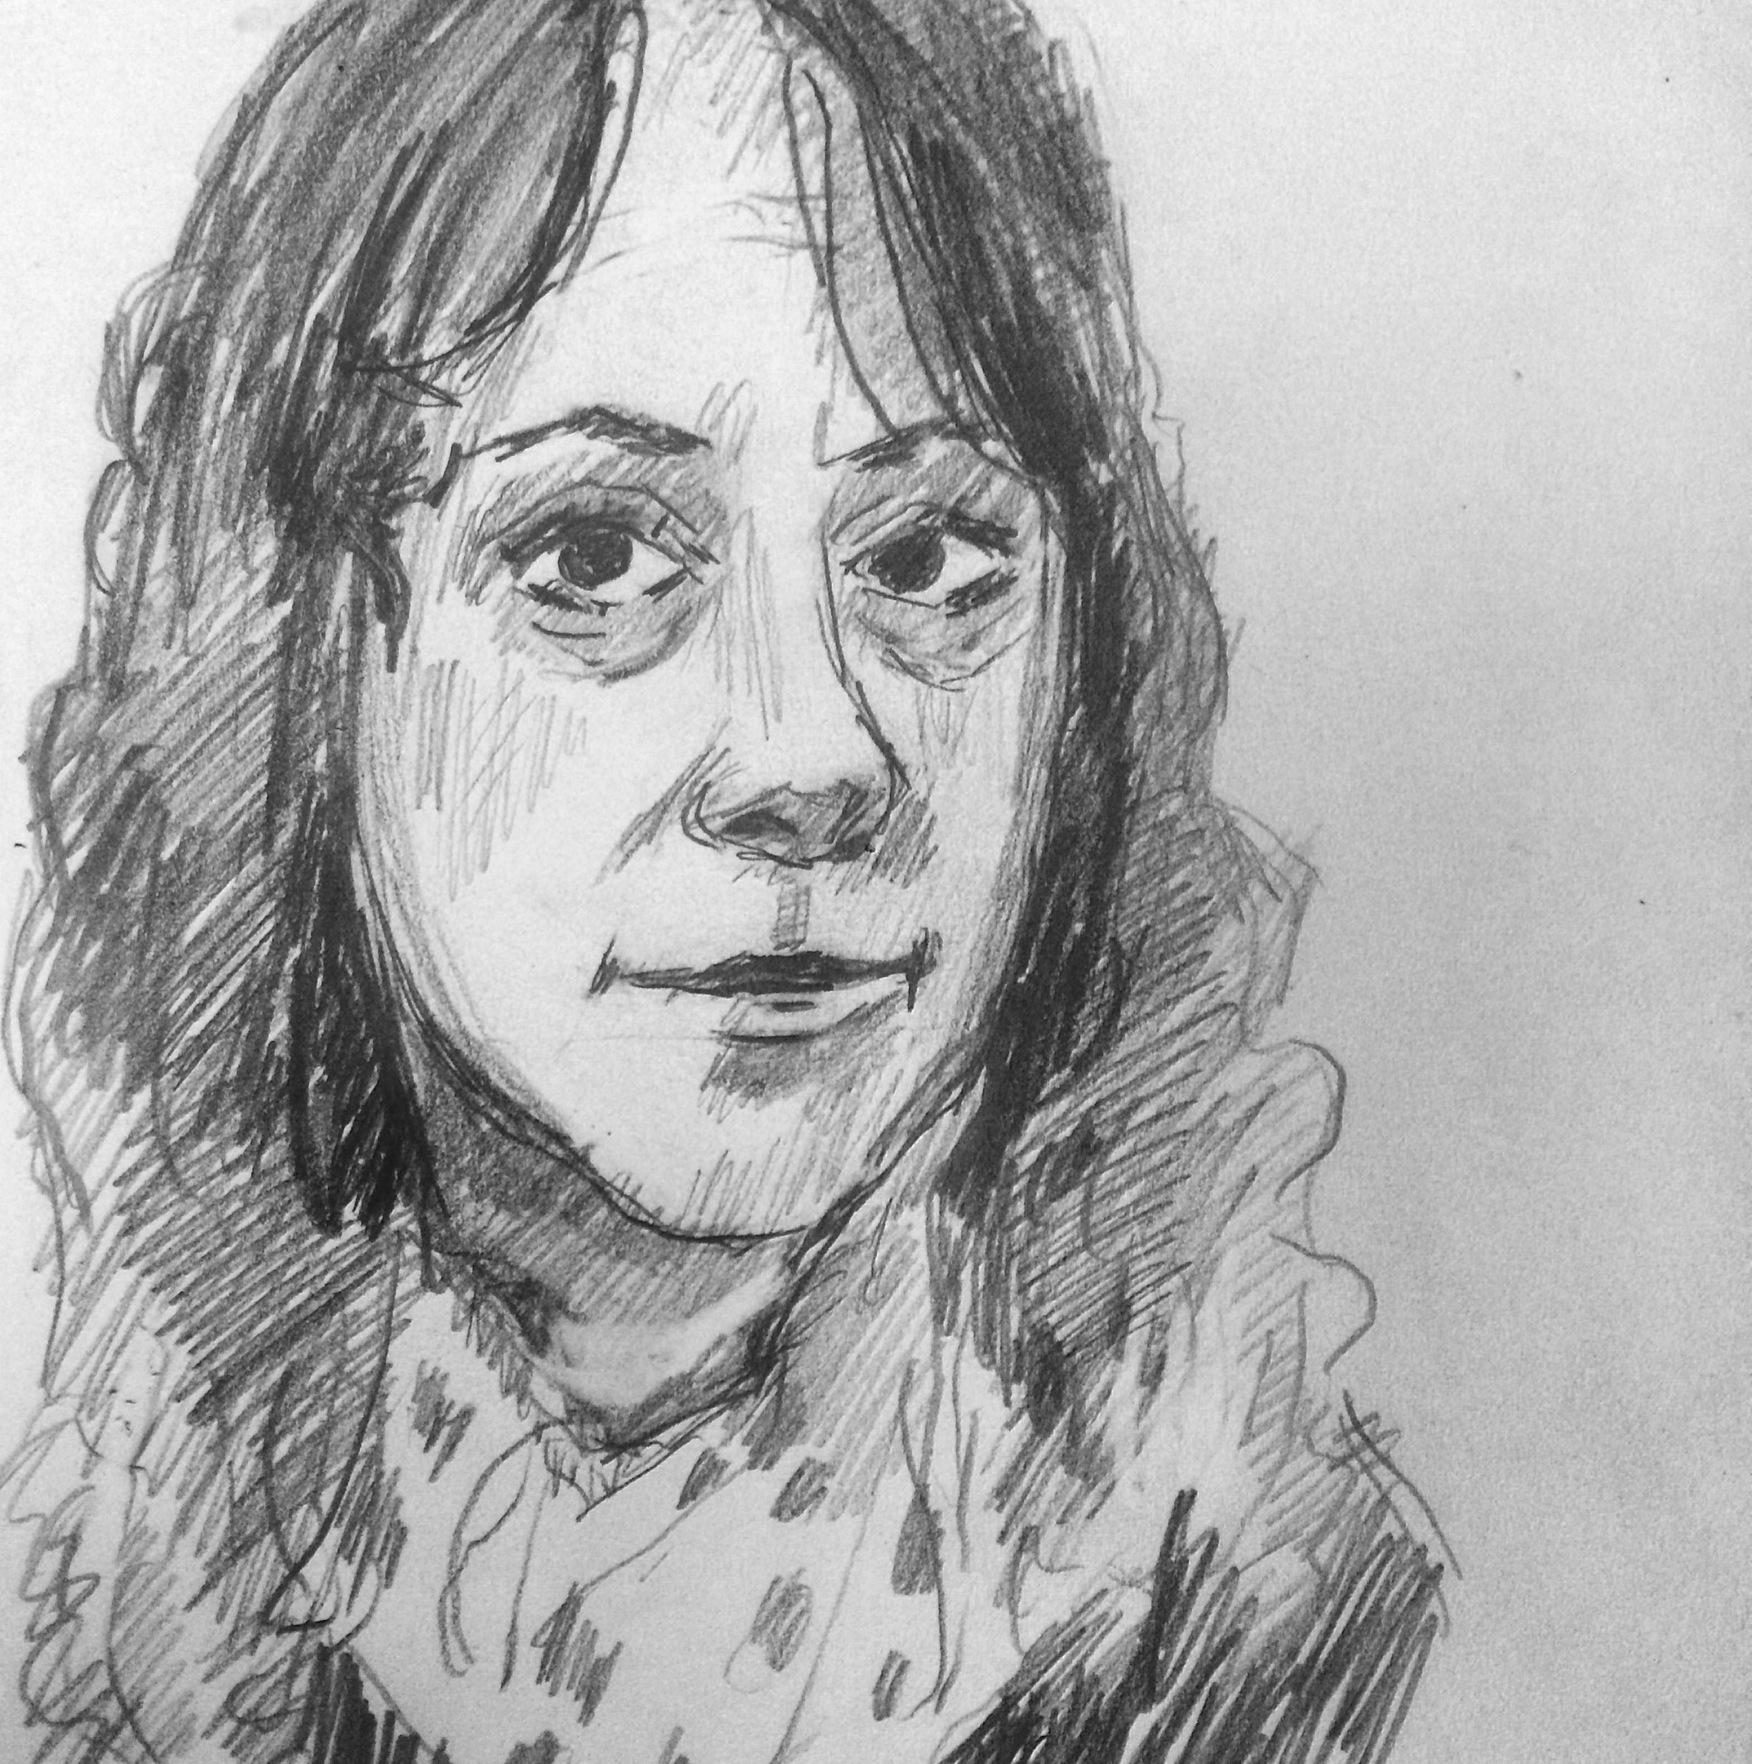 Rachel  2015, pencil on paper, 5 x 7 in